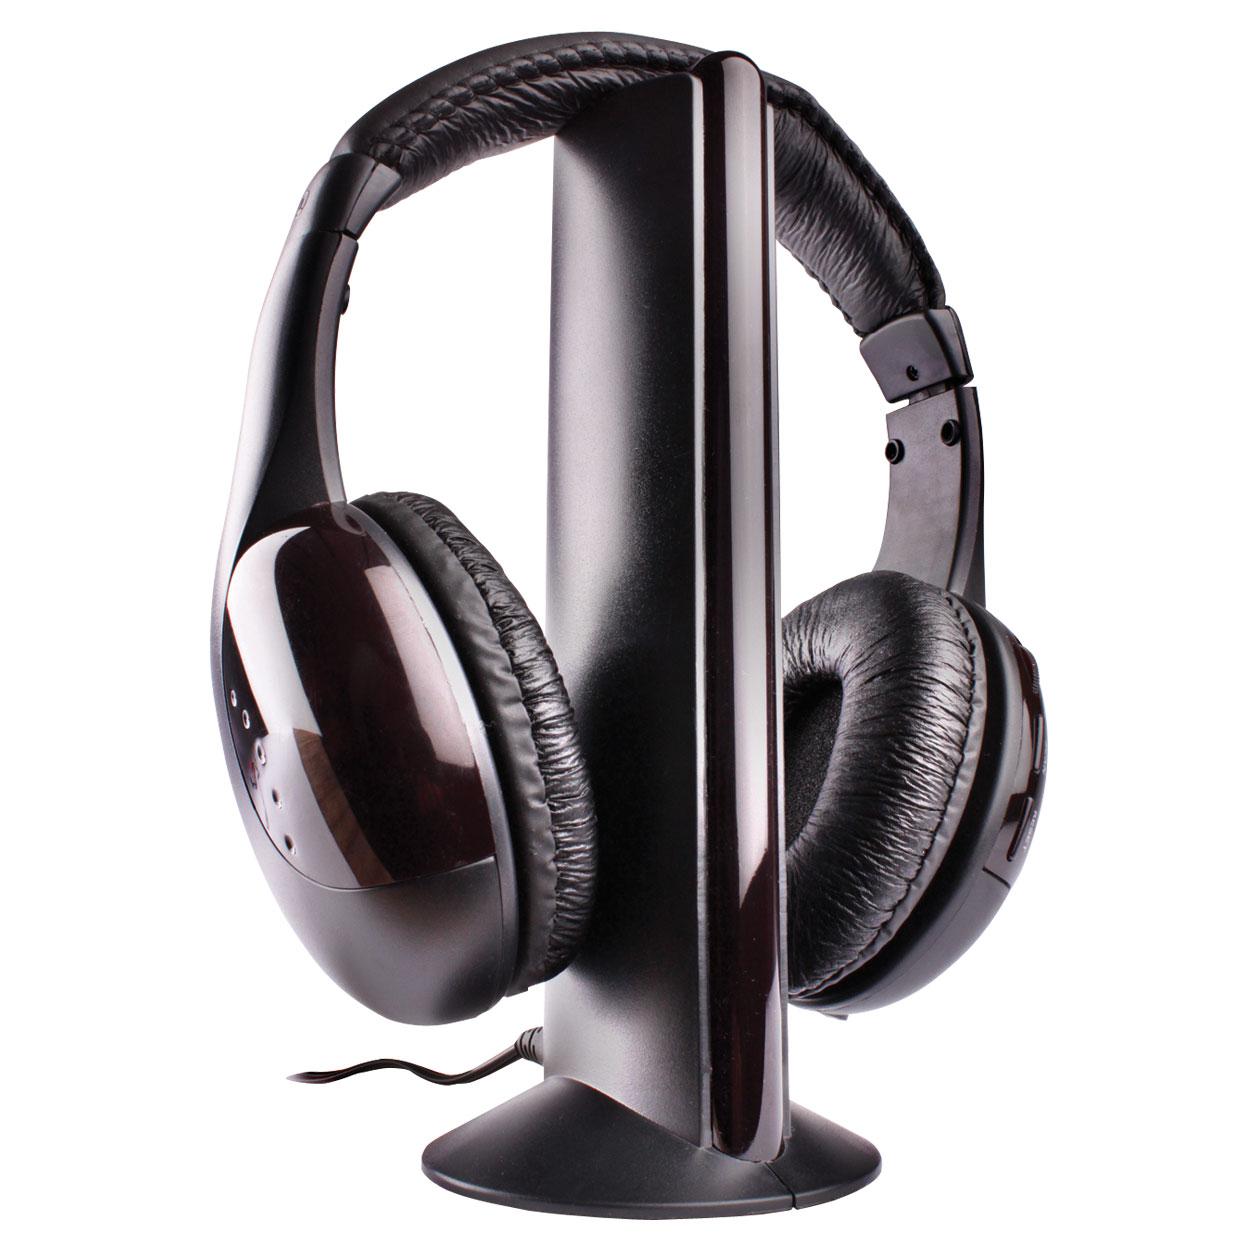 5In1 Wireless Headphones